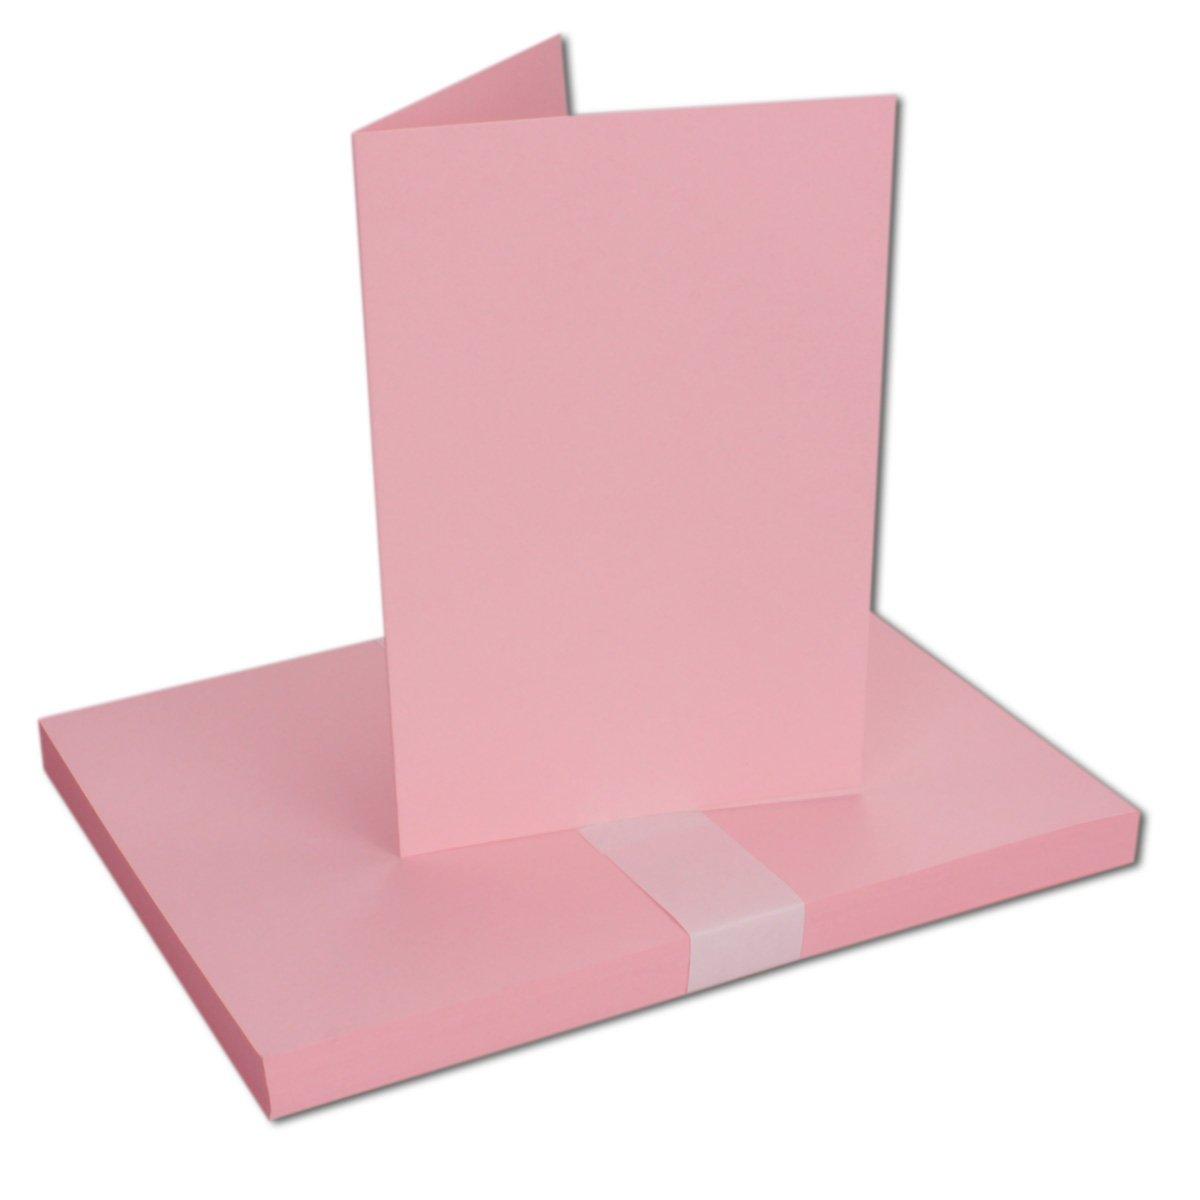 75 Sets - Faltkarten Hellgrau - Din A5  Umschläge Umschläge Umschläge Din C5 - Premium Qualität - Sehr formstabil - Qualitätsmarke  NEUSER FarbenFroh B07BSL8QBH | Verrückte Preis  70a2e3